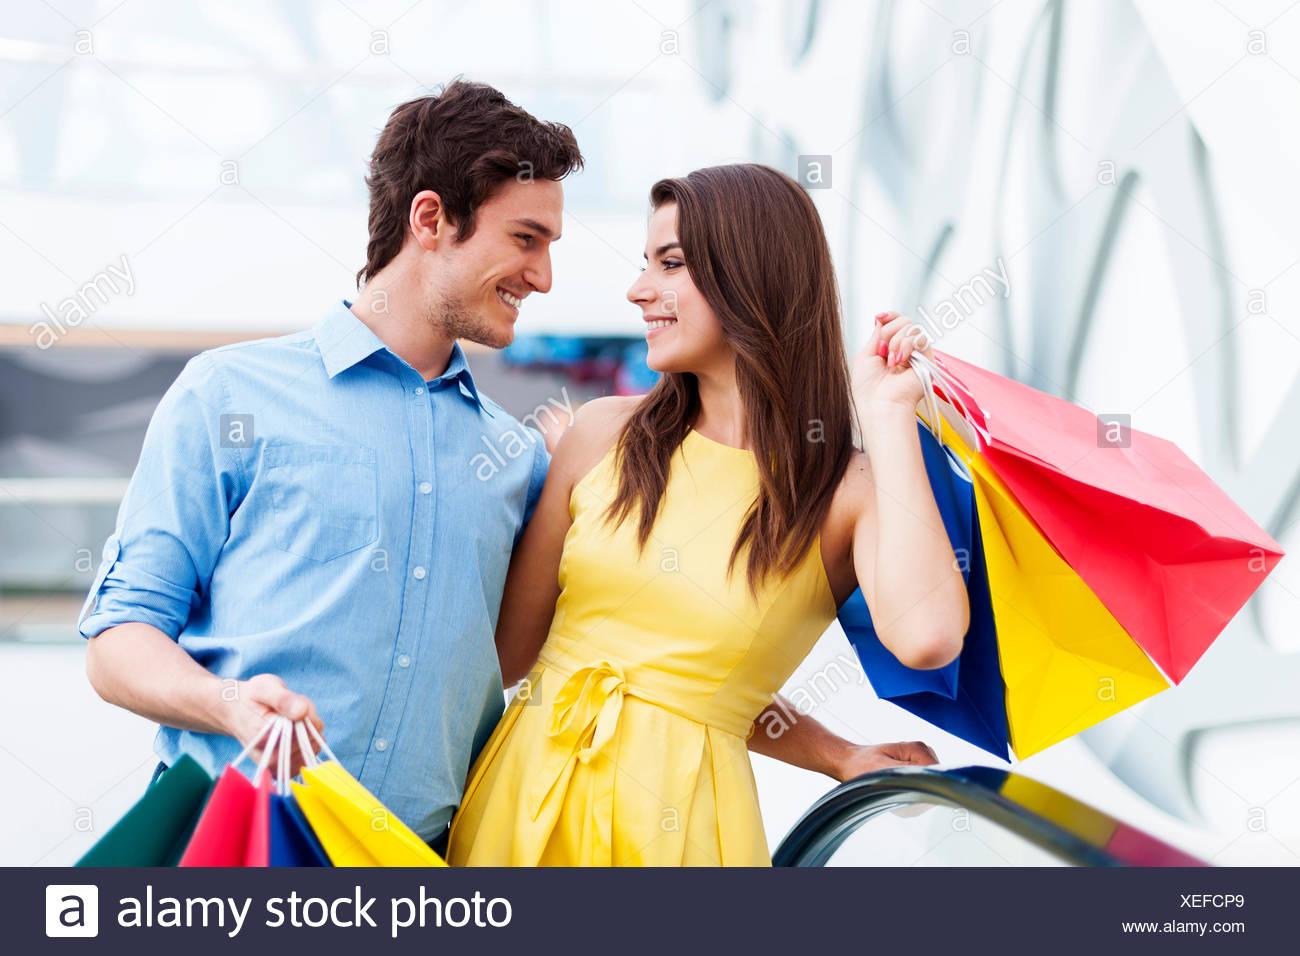 Conversing couple on shopping Debica, Poland - Stock Image